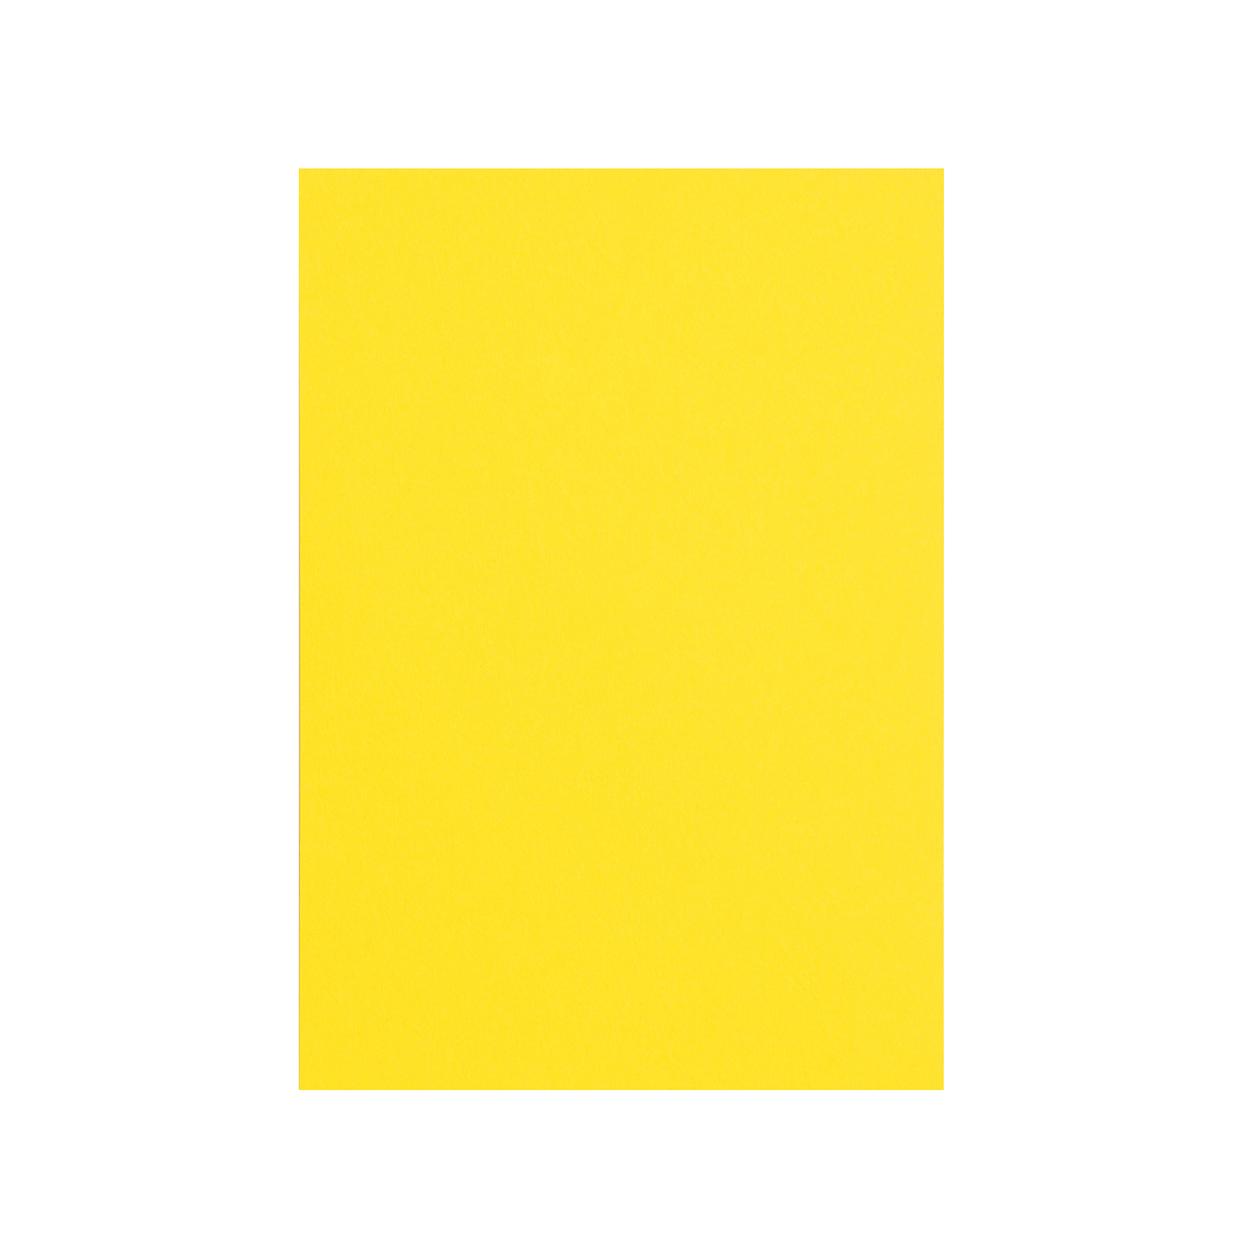 Pカード コットン(NTラシャ) ひまわり 151.2g